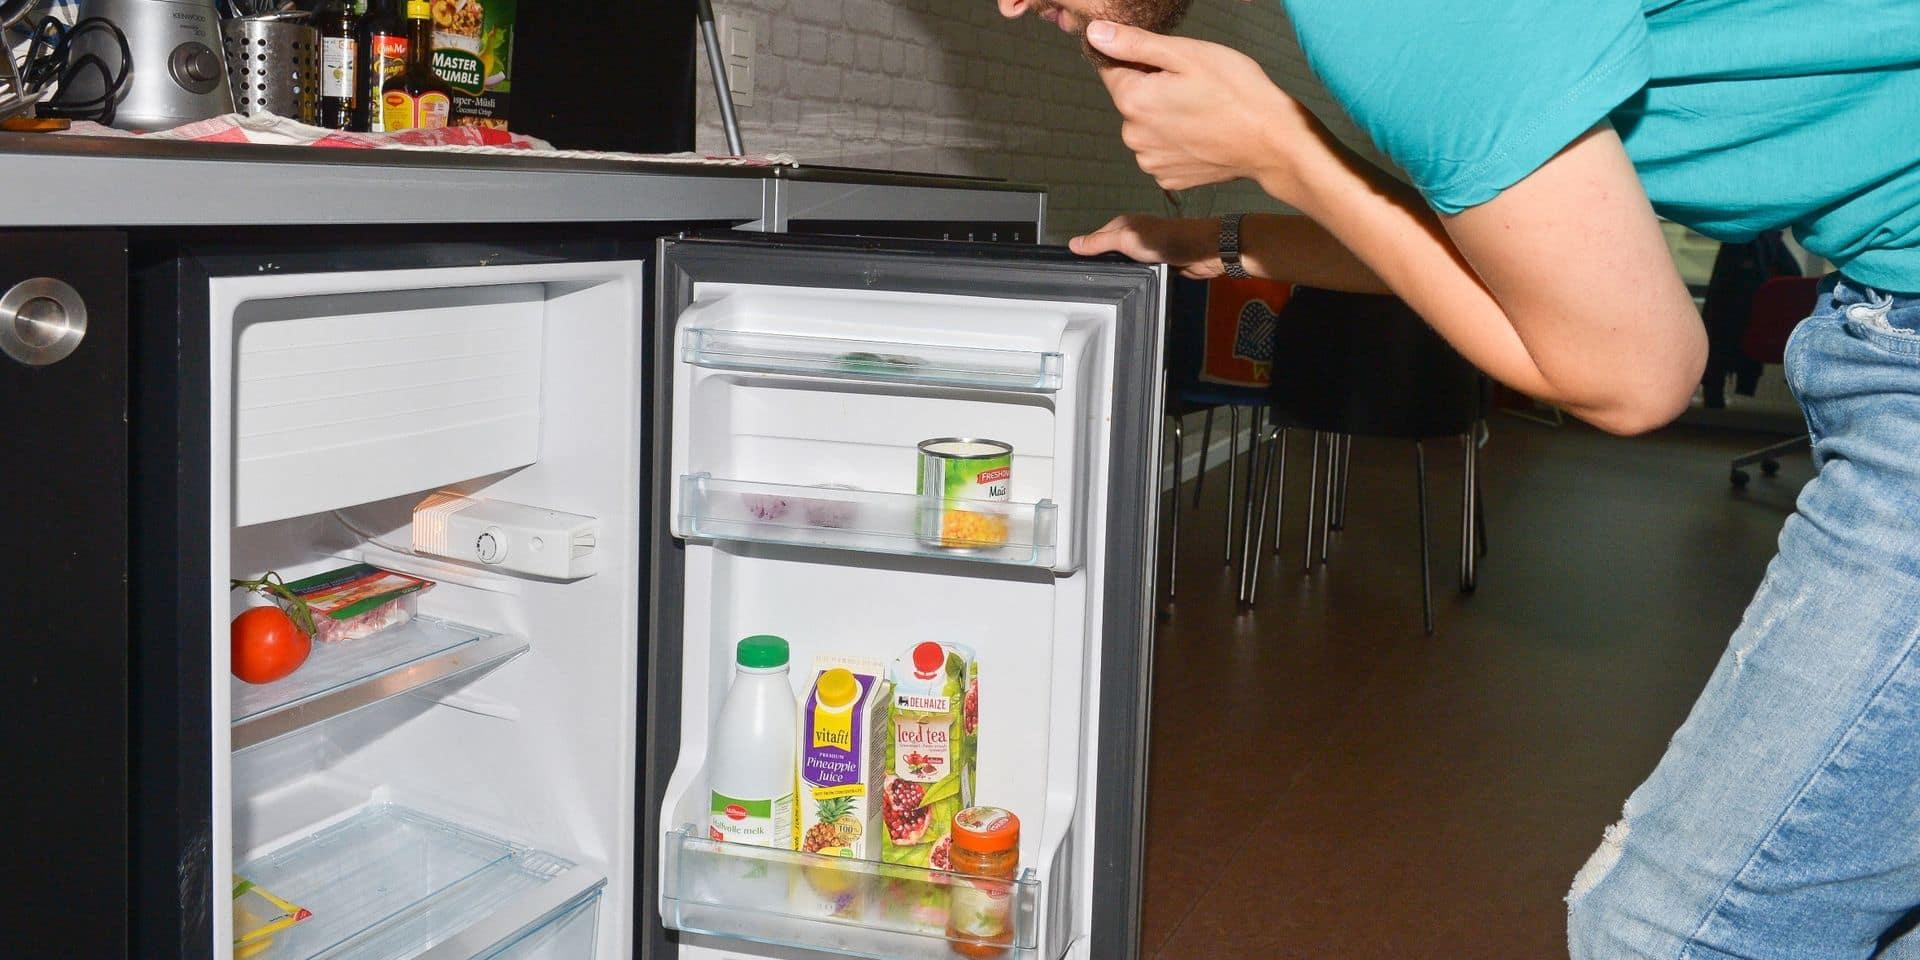 Un cambriolage particulier à Bléharies: les voleurs se servent dans le frigo, se remplissent la panse et s'en vont incognito